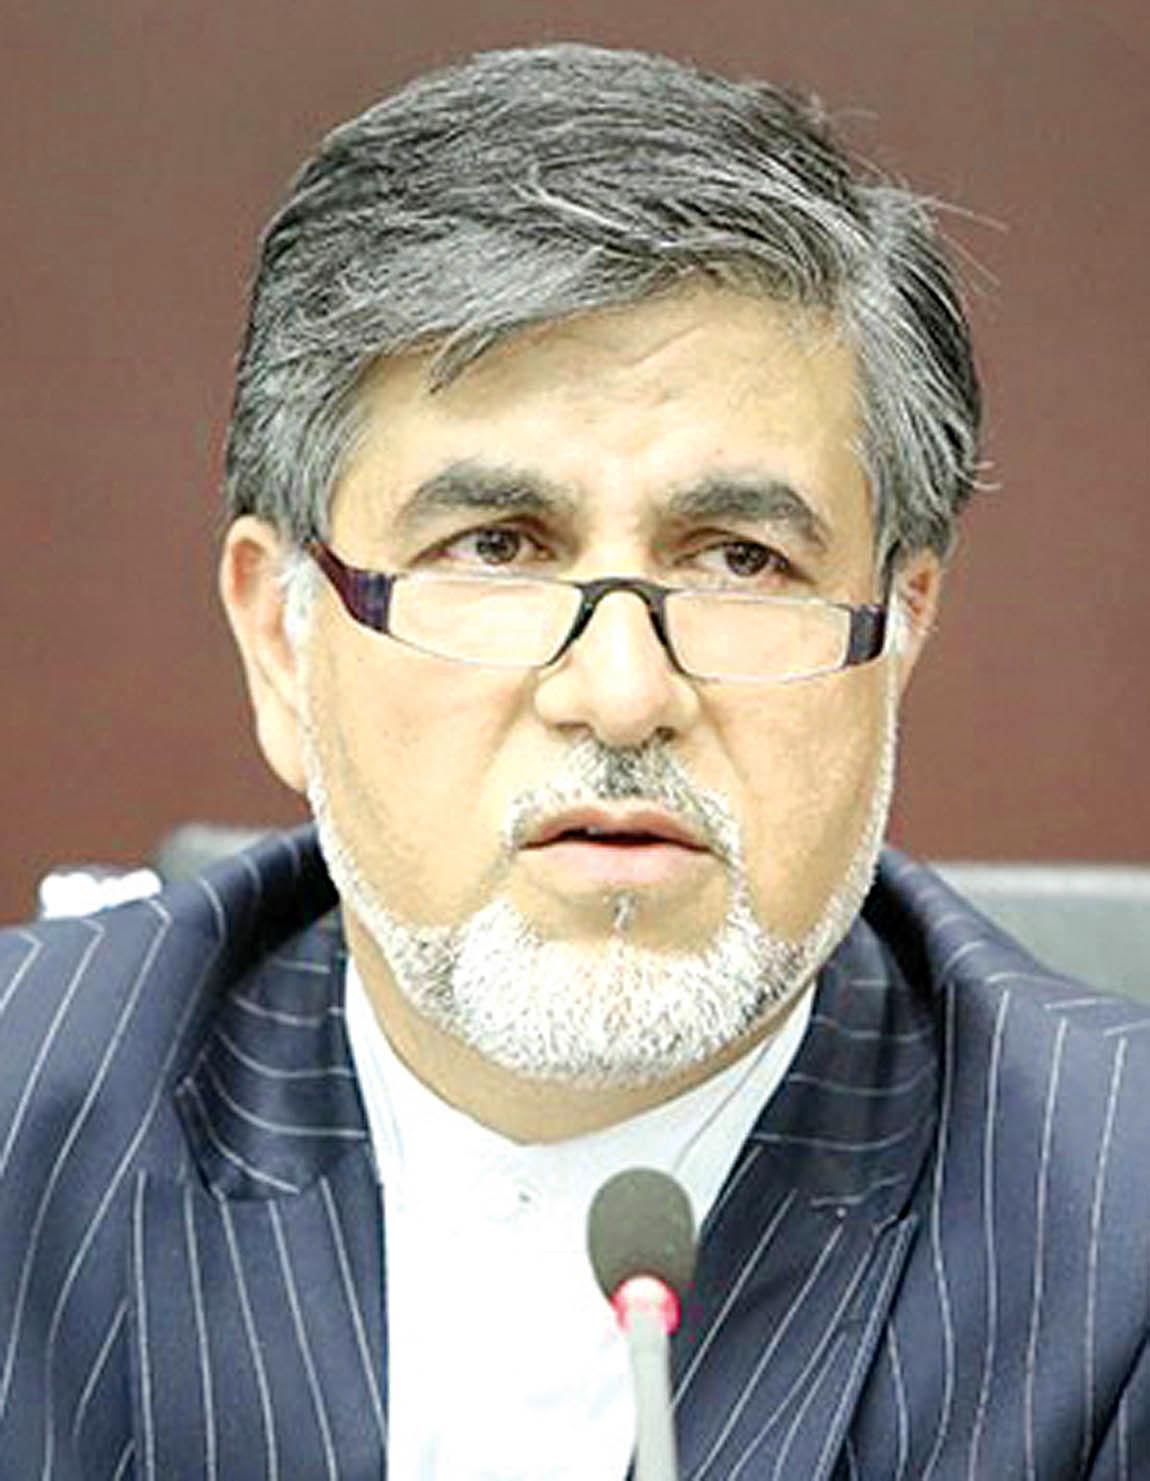 قضاوی خبرداد: راهاندازی سامانه کشف تقلب در نظام بانکی